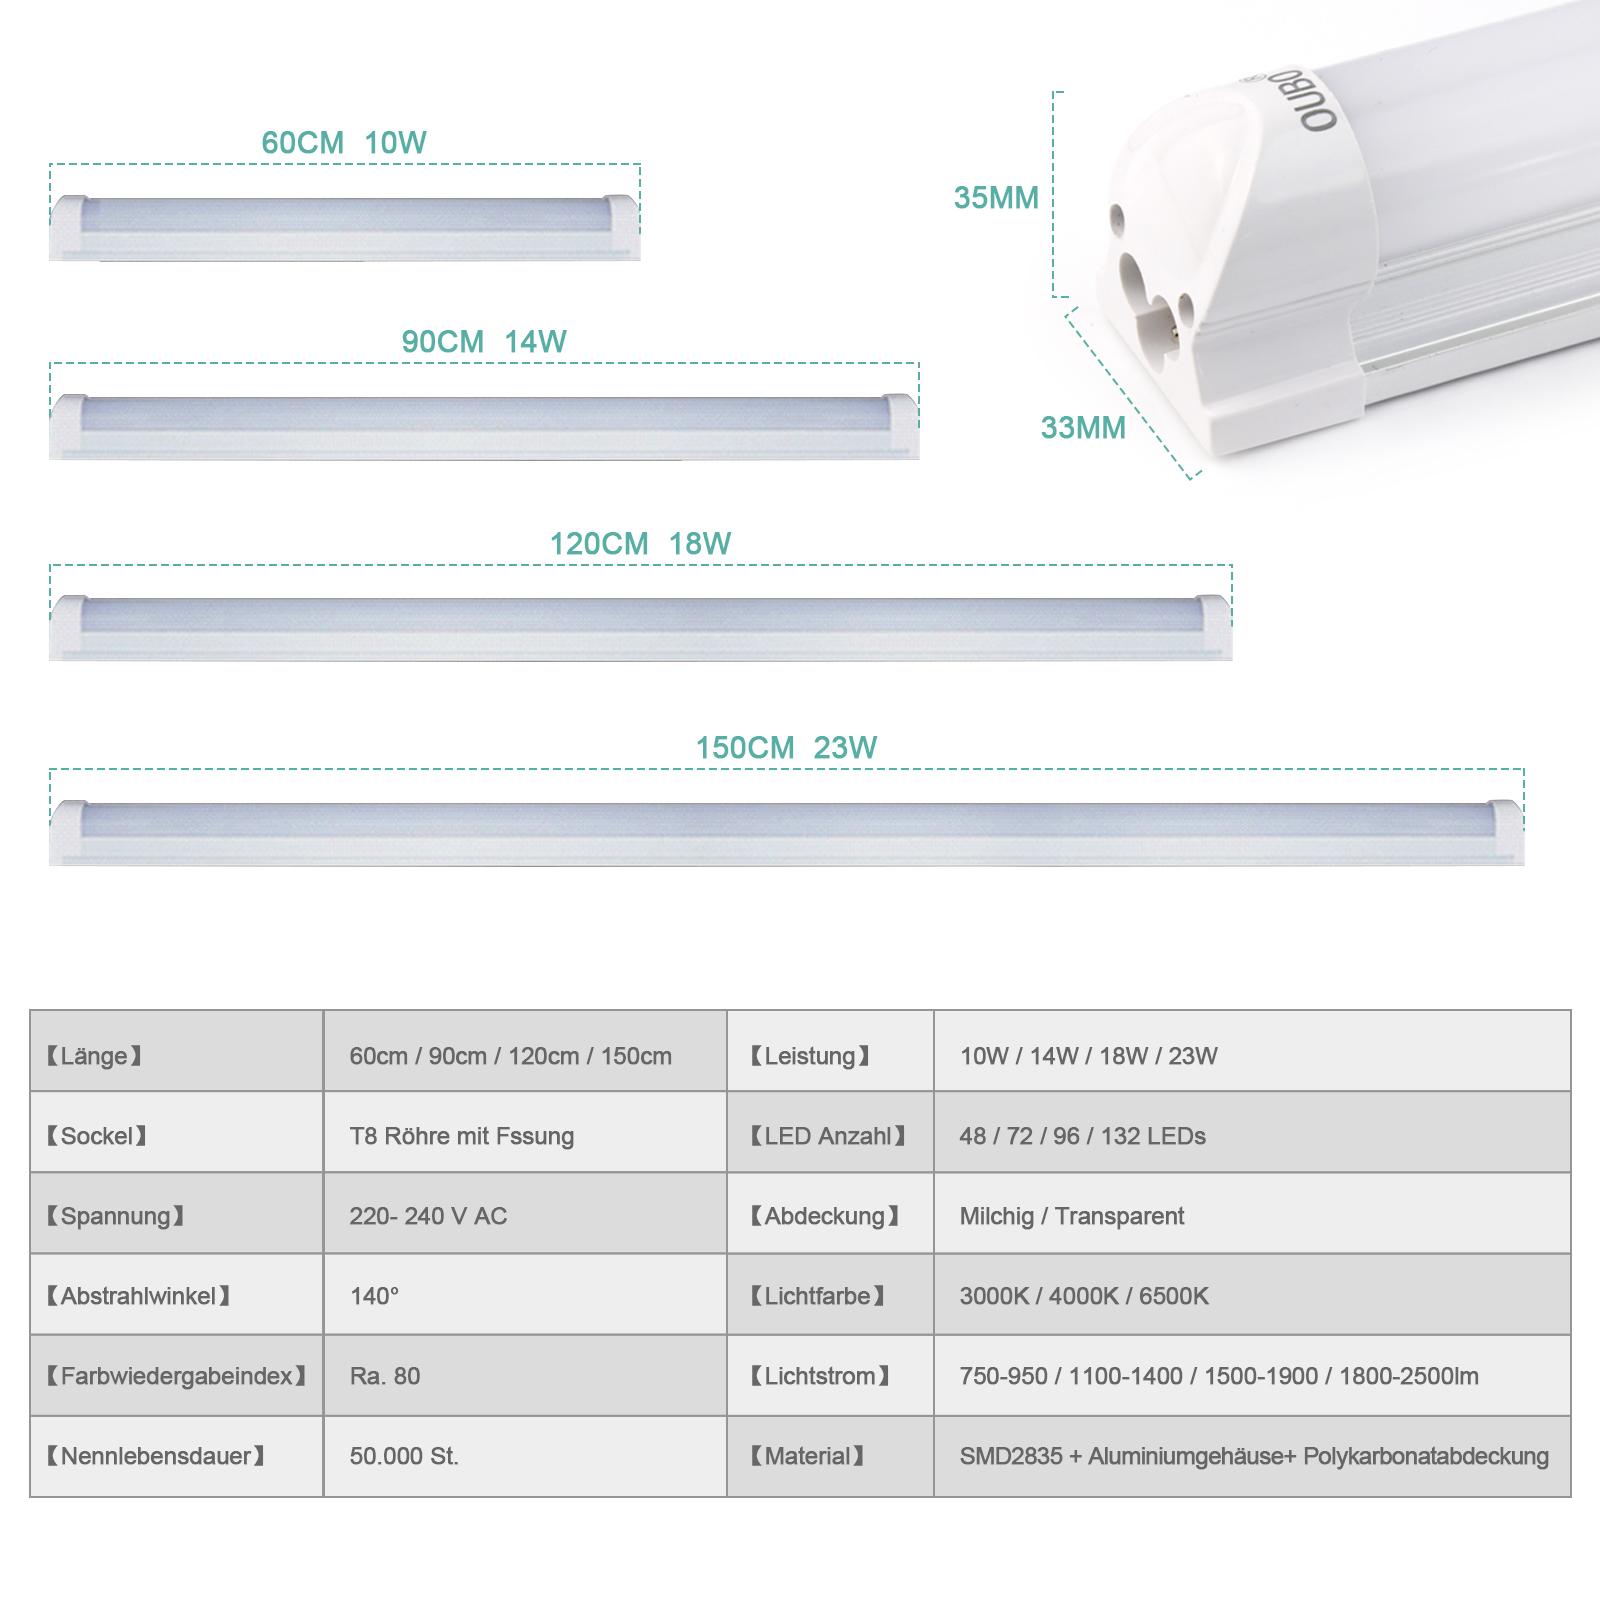 10x led leuchtstoffr hre 150cm t8 leuchtstofflampe. Black Bedroom Furniture Sets. Home Design Ideas